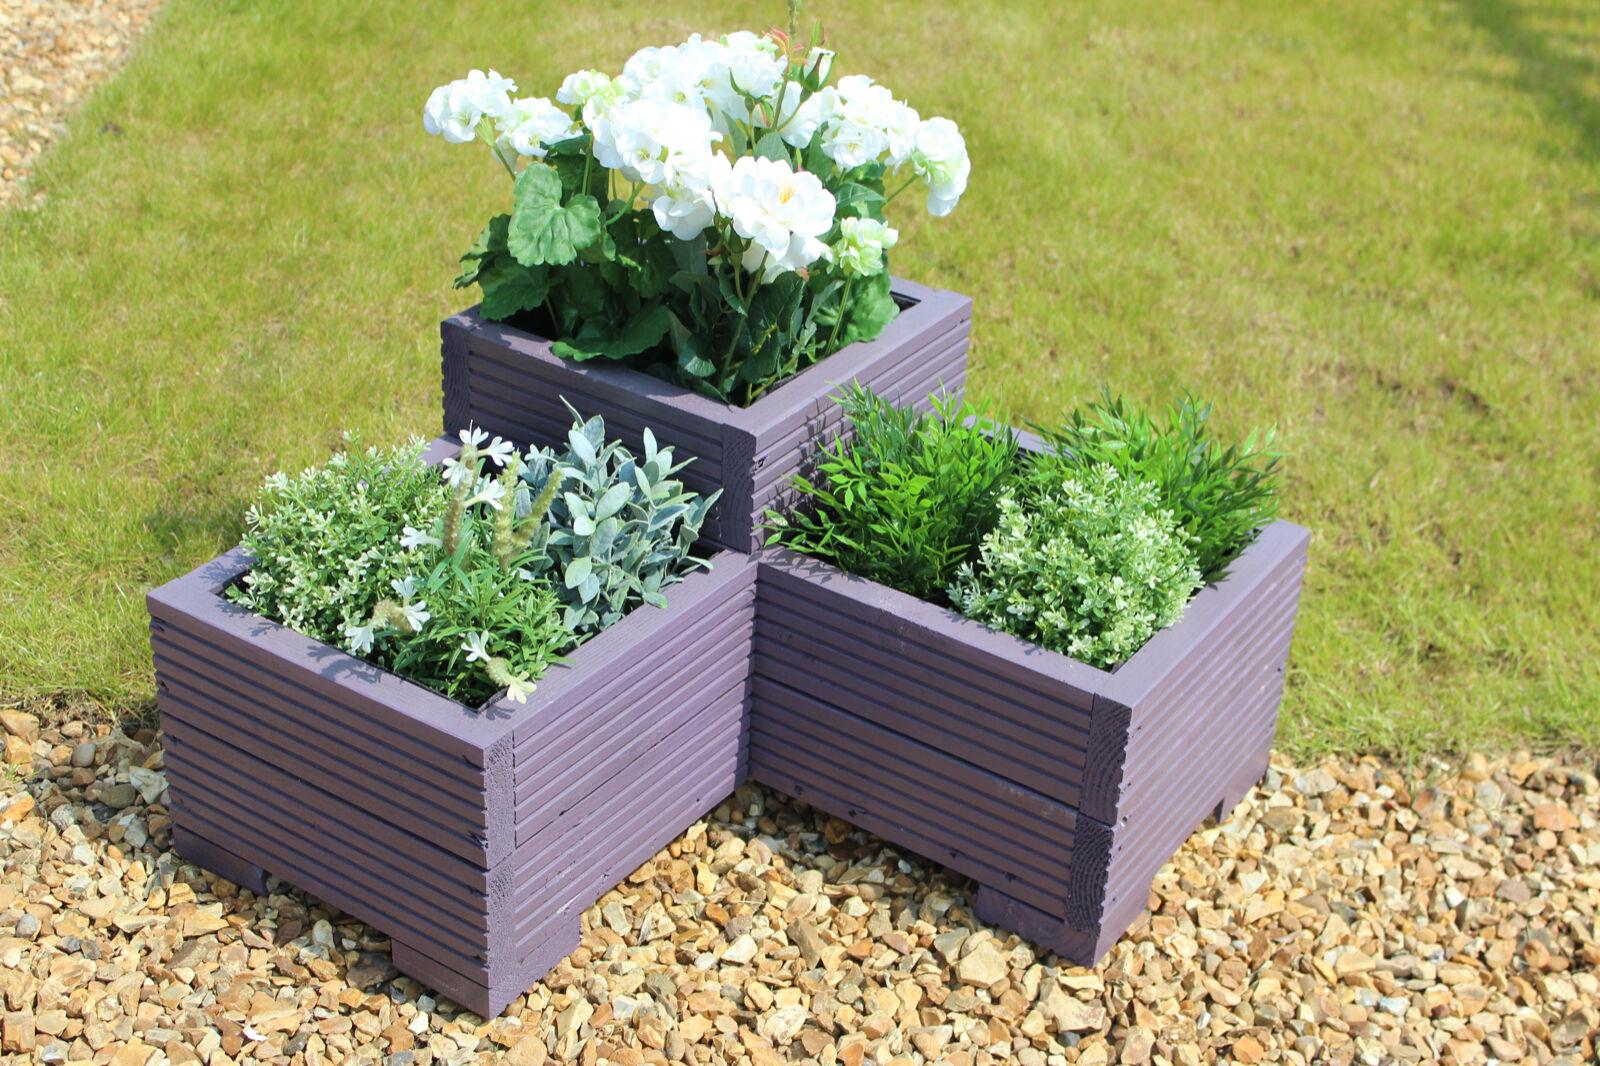 Purple 3 Tier Corner Planter Painted Wooden Garden Troughs or Plant Pots